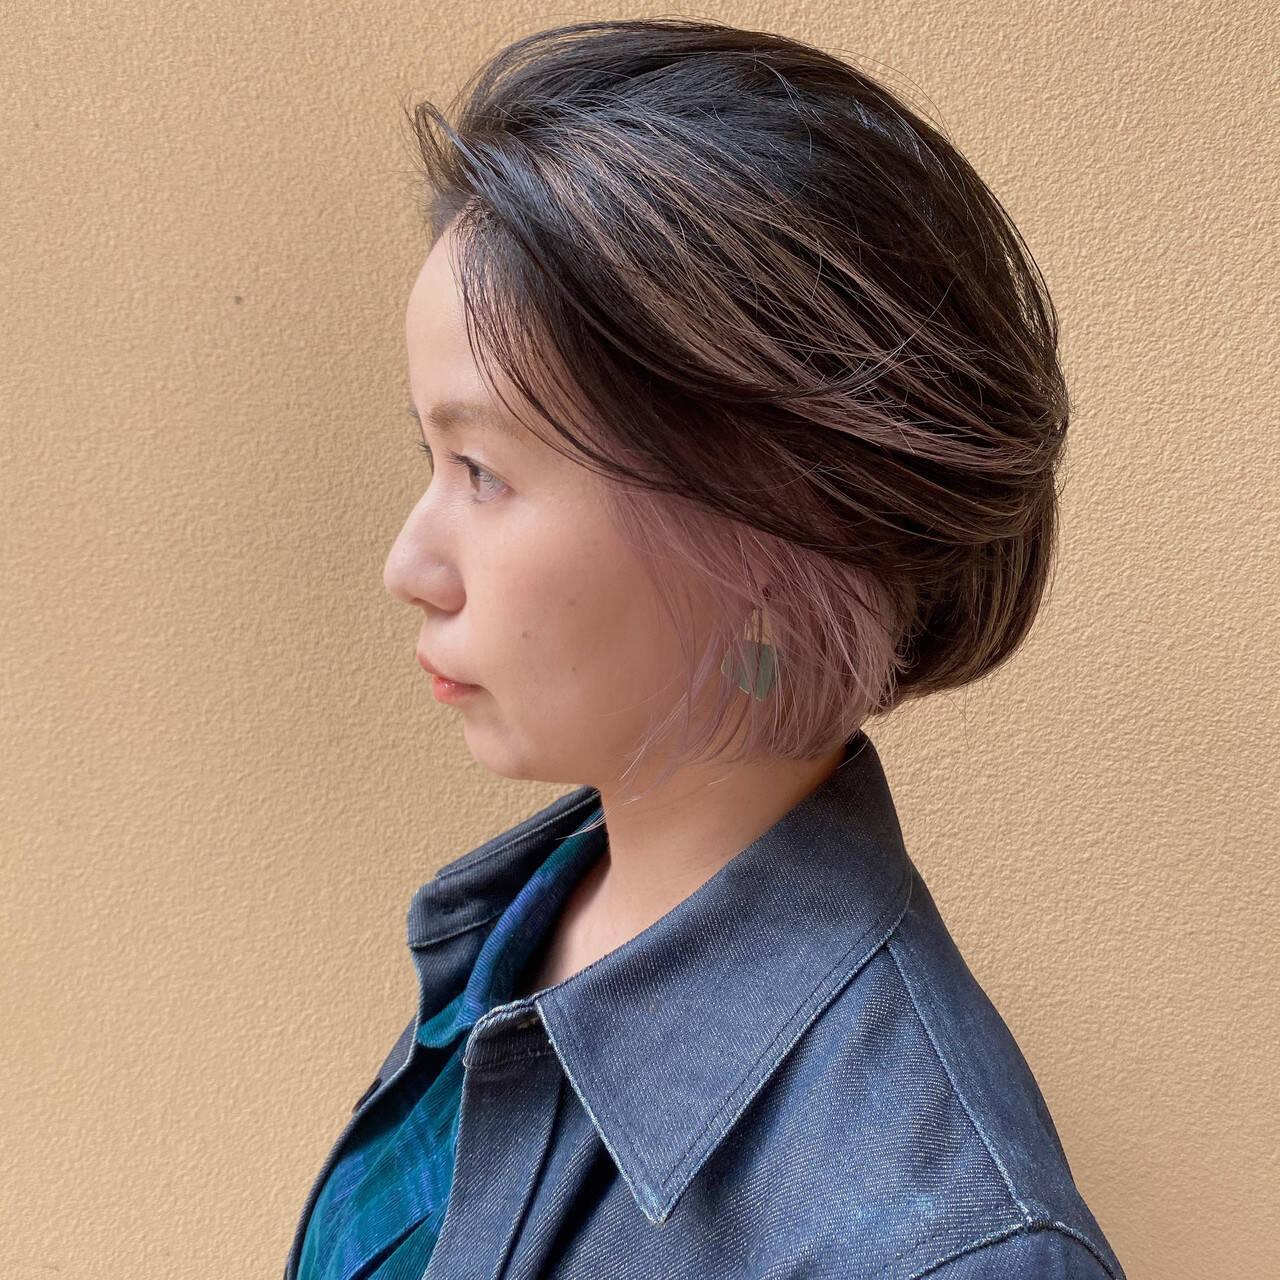 ショートボブ ストリート インナーピンク ダブルカラーヘアスタイルや髪型の写真・画像